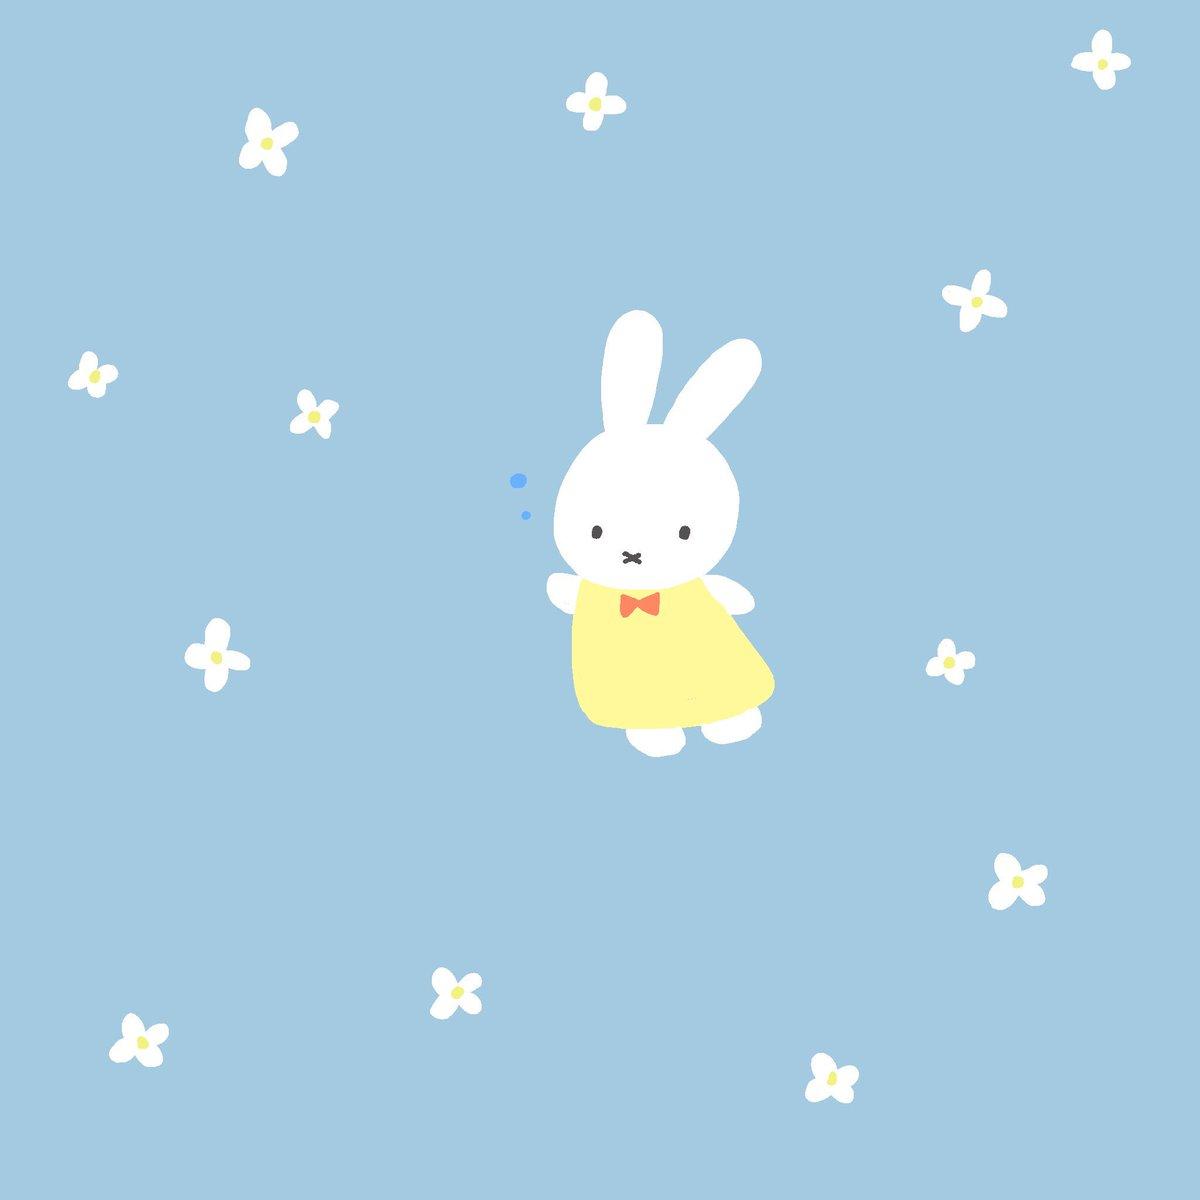 Haruka Miffy Usakich Twitter